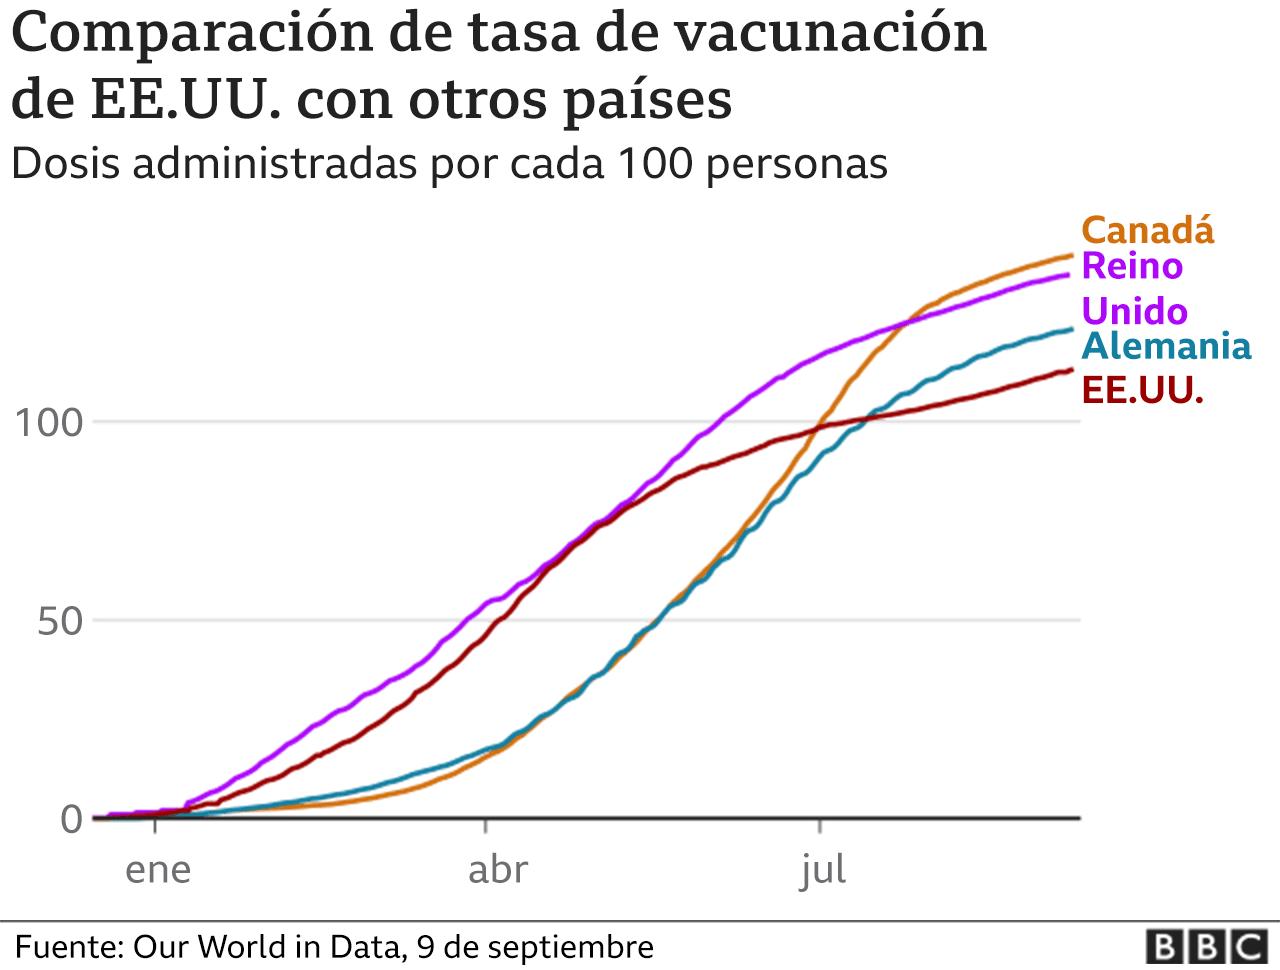 Gráfico vacunación Estados Unidos, Canadá, Reino Unido, Alemania